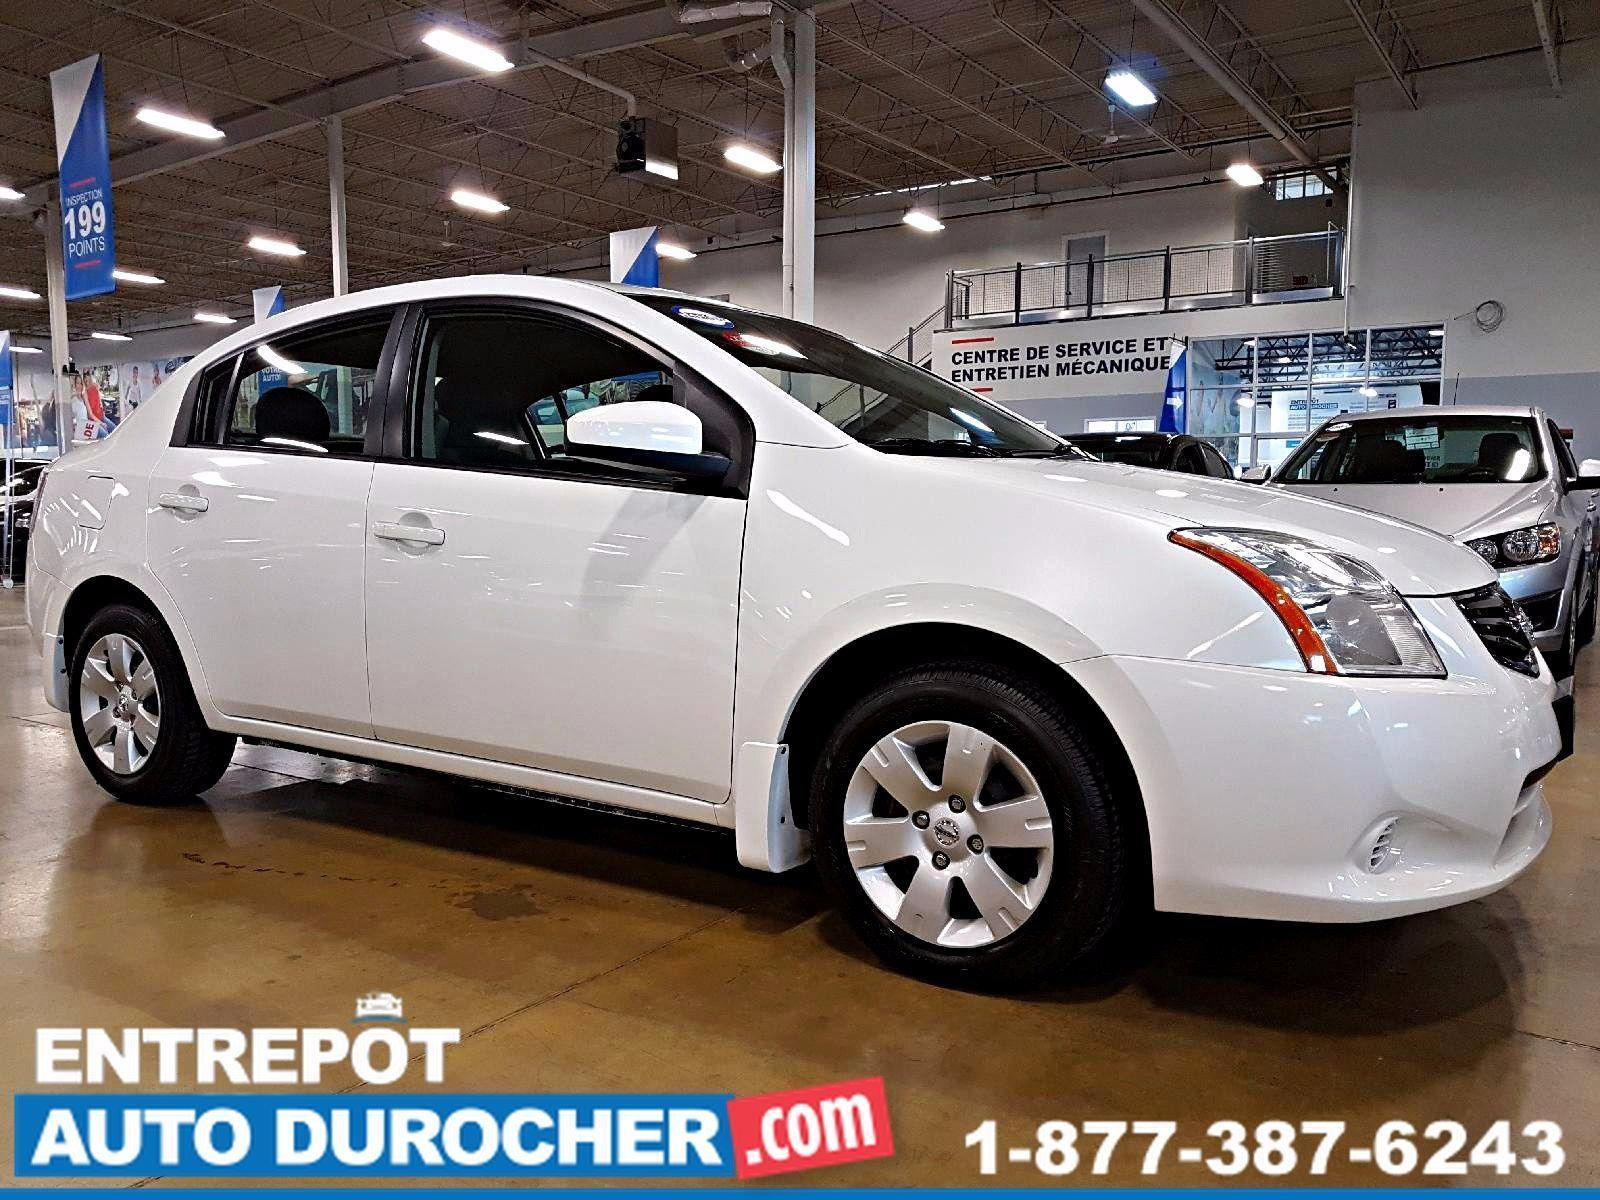 2012 Nissan Sentra AUTOMATIQUE - GROUPE ÉLECTRIQUE